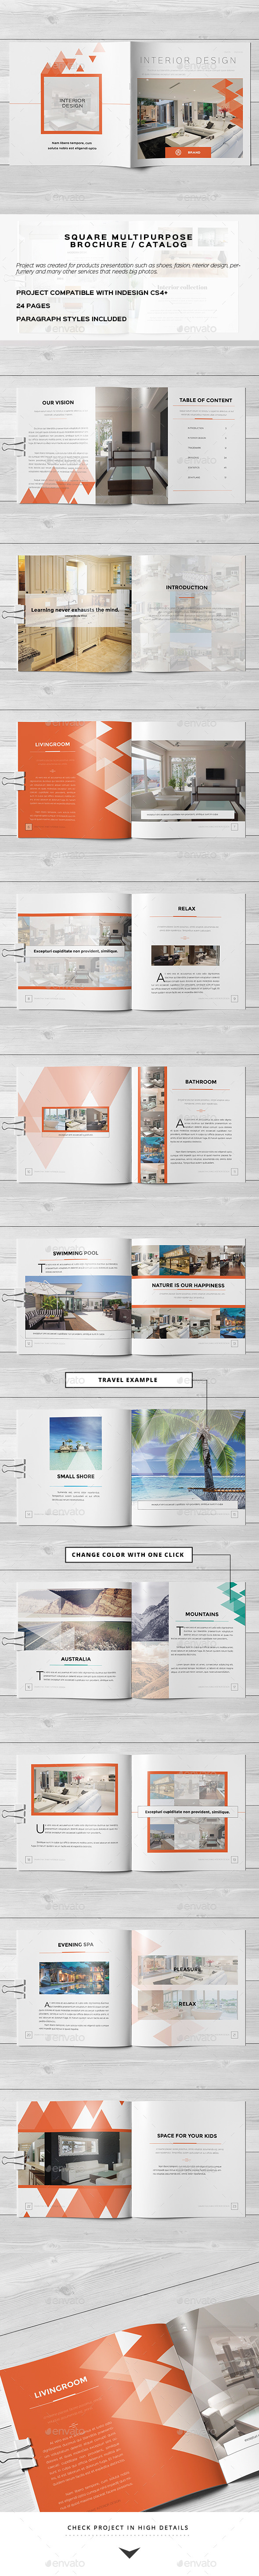 GraphicRiver Multipurpose Square Brochure 10771118